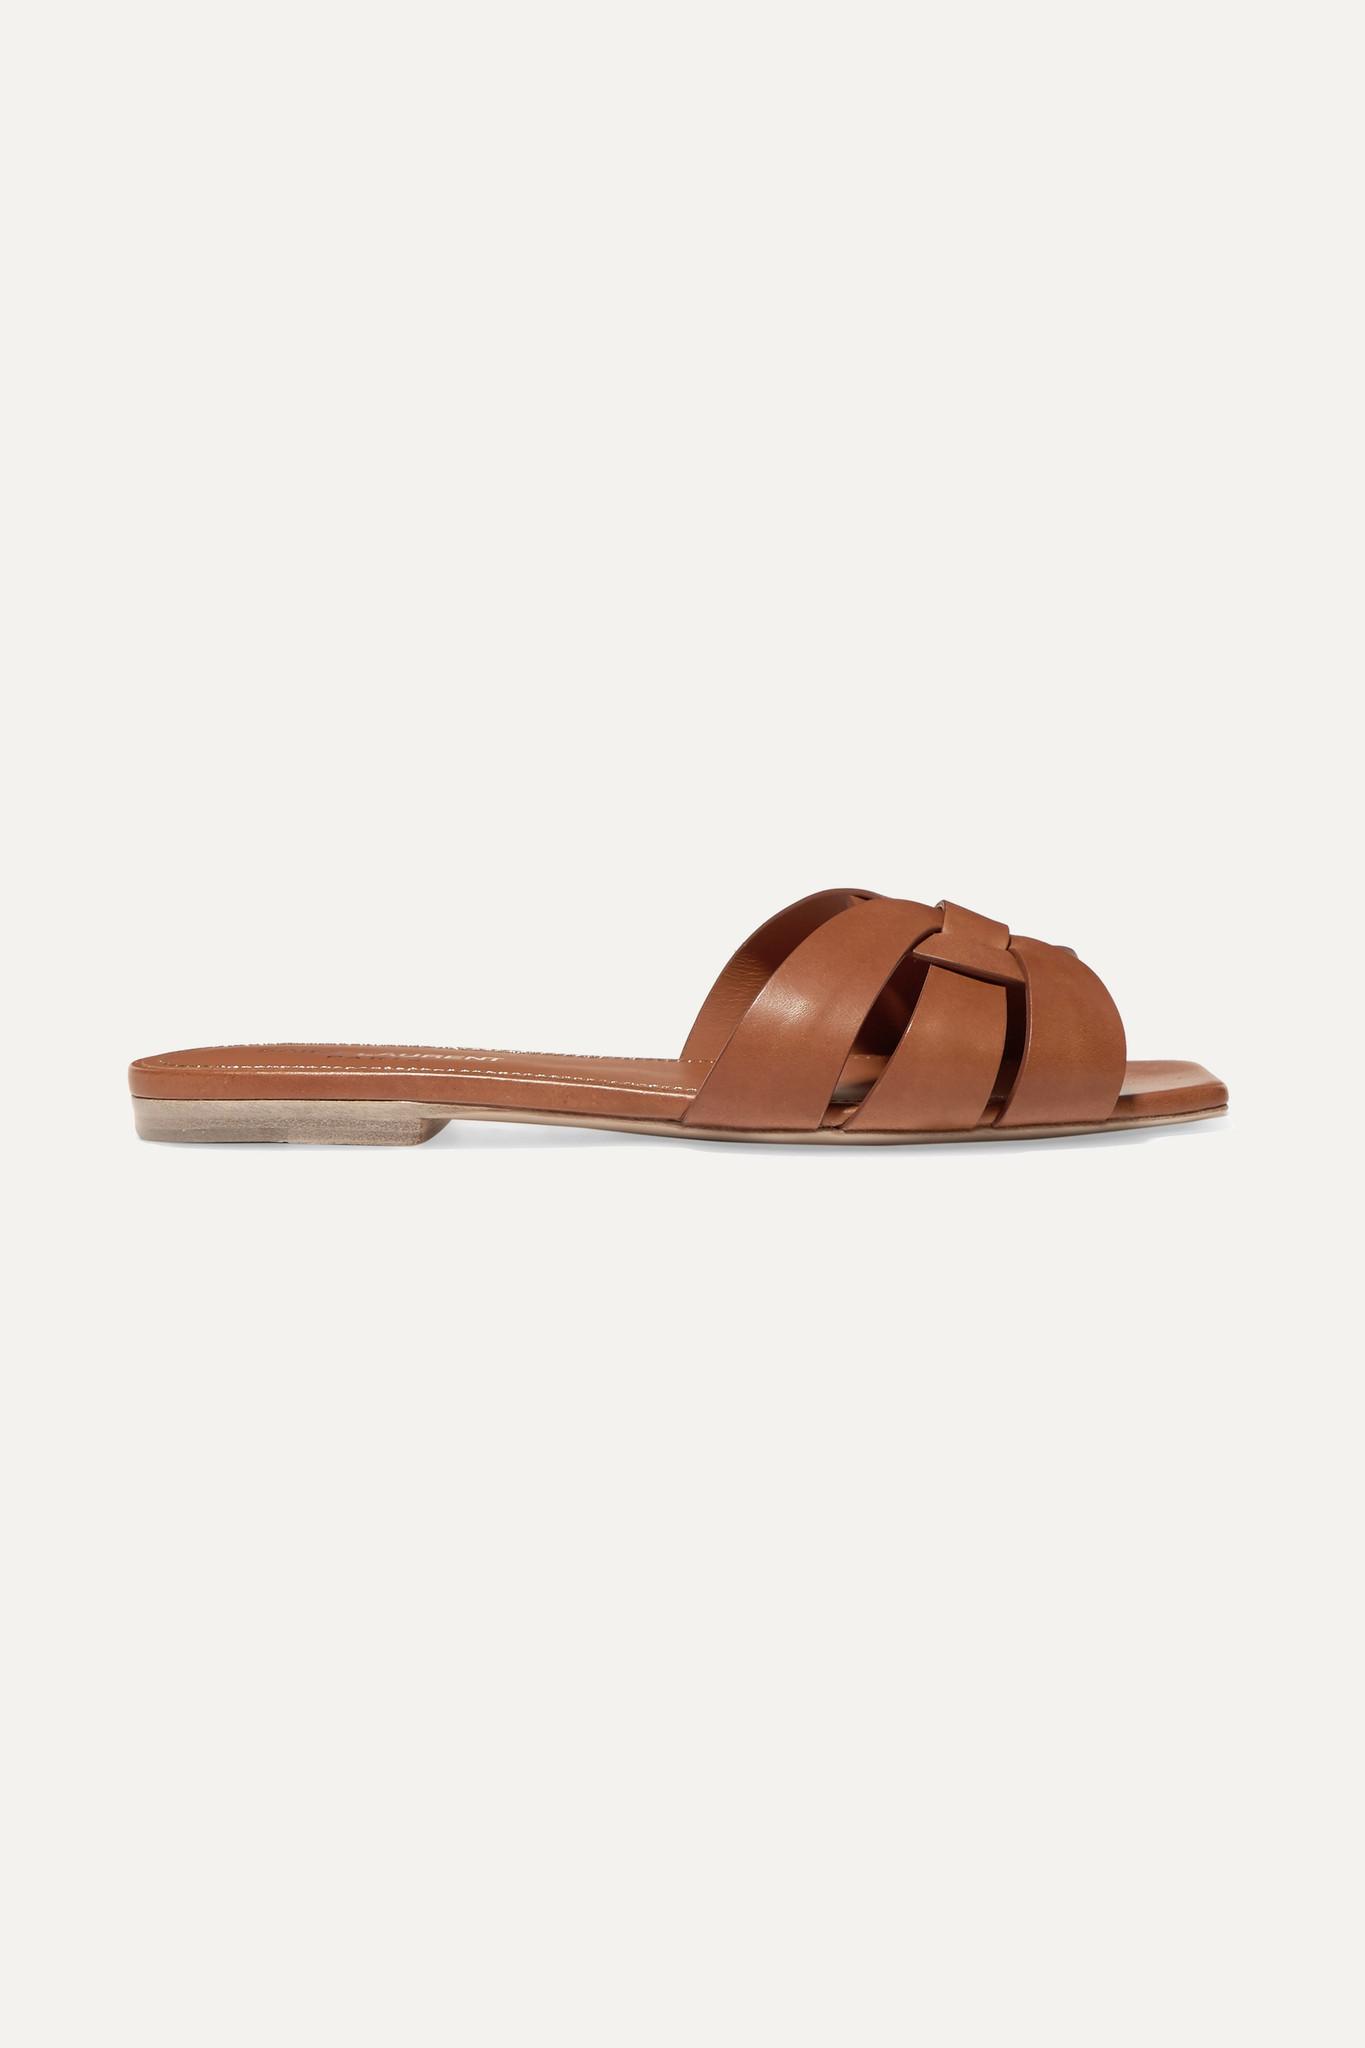 SAINT LAURENT - Nu Pieds Woven Leather Slides - Brown - IT37